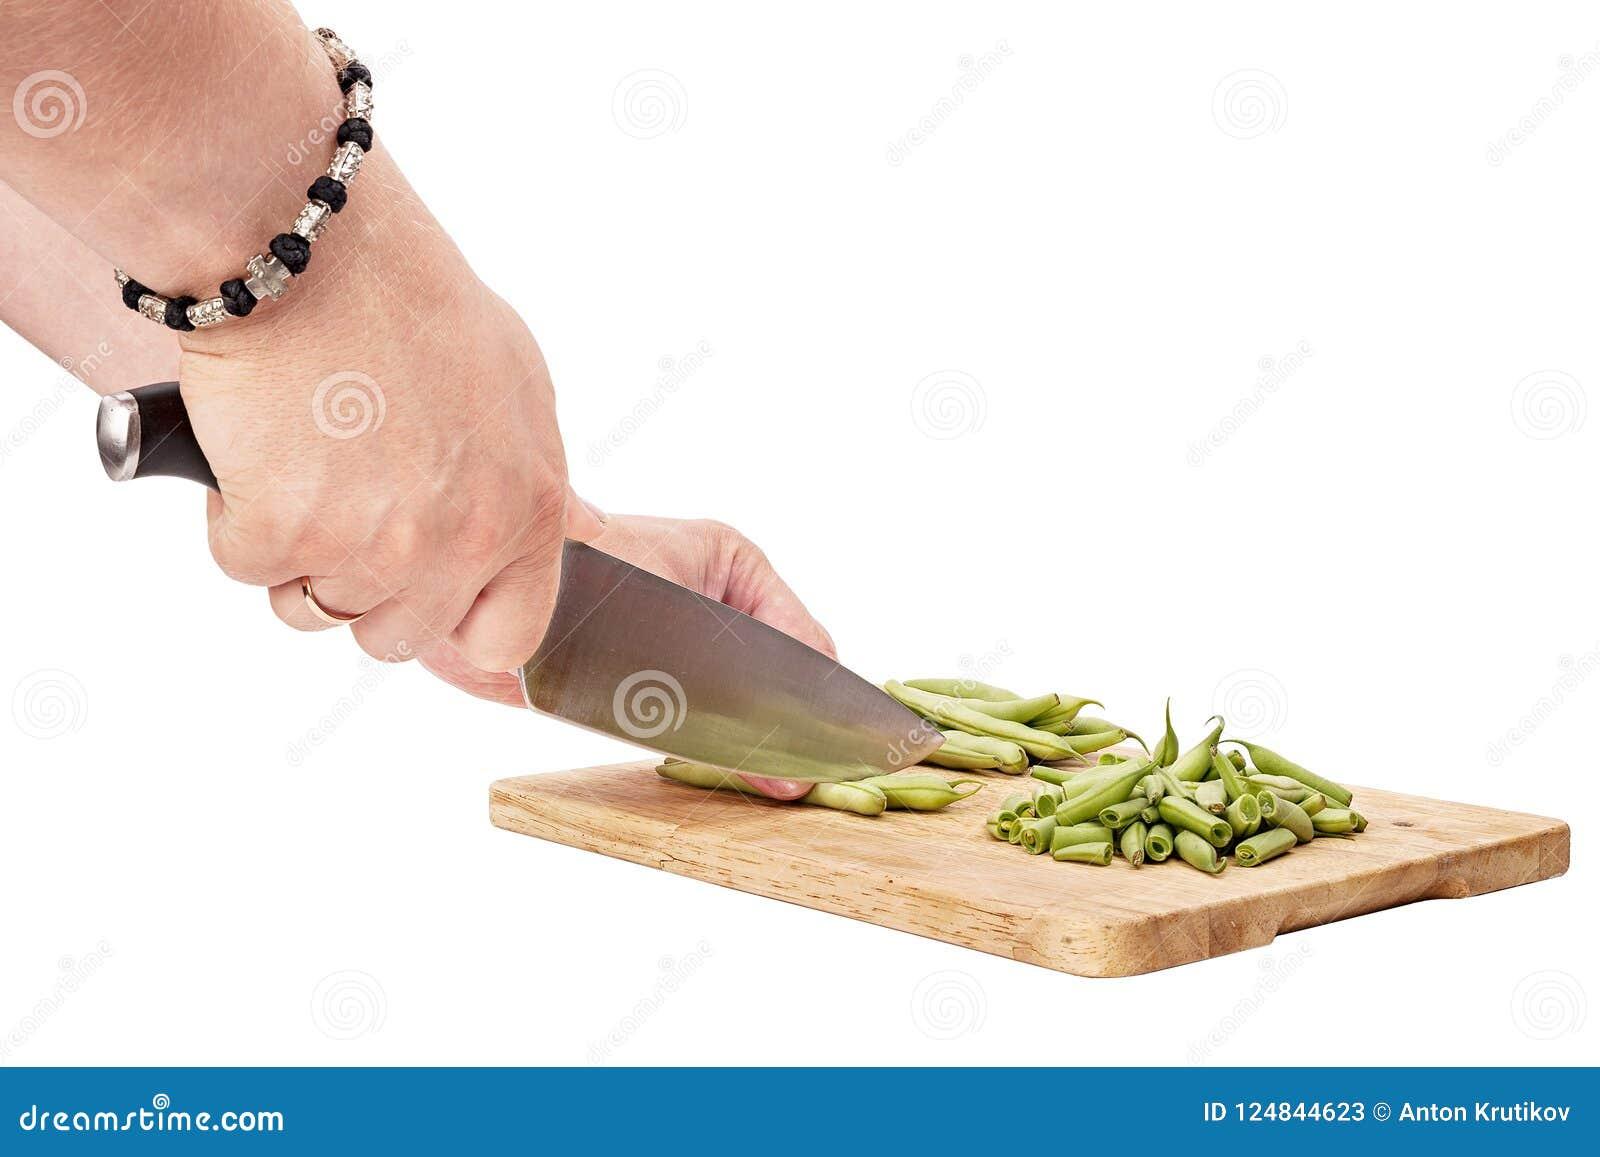 Pokrajać świeże fasolki szparagowe na tnącej desce na stole, biel ja